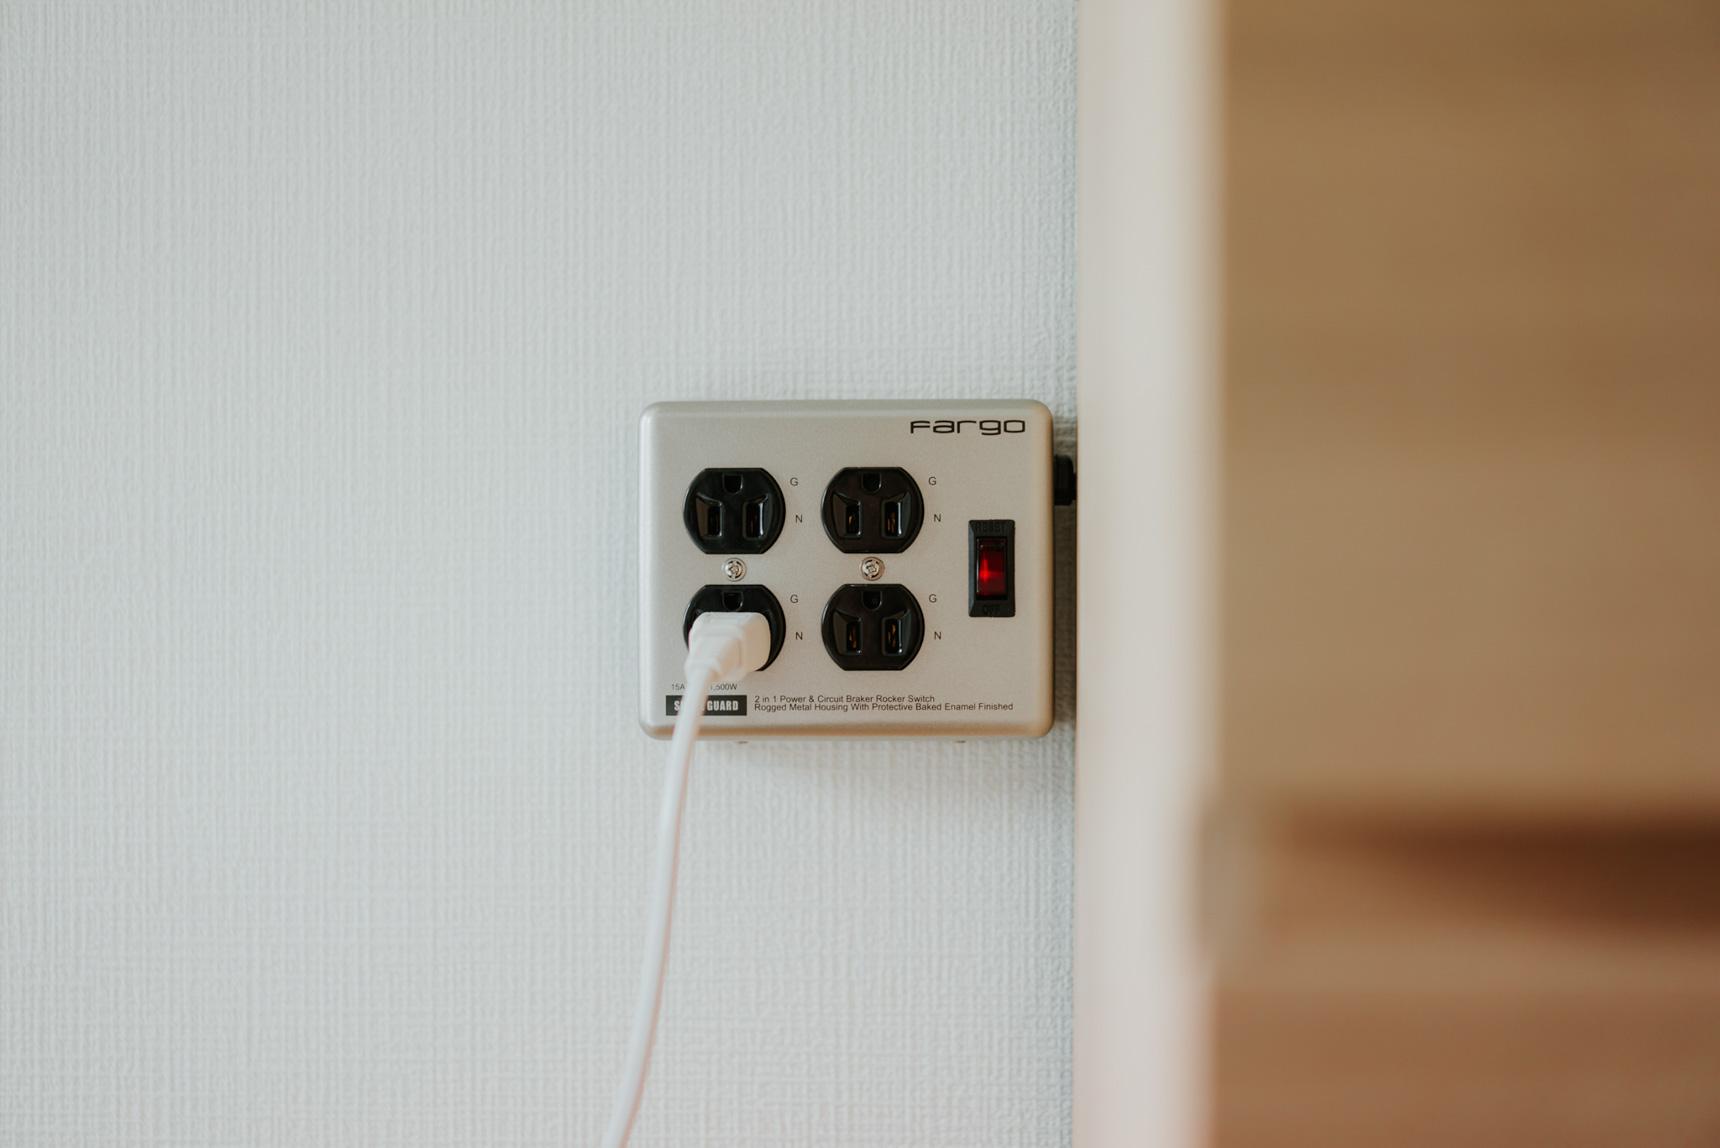 そうだ、電源タップをおしゃれにすればいいんだ。Fargoの『STEEL TAP』